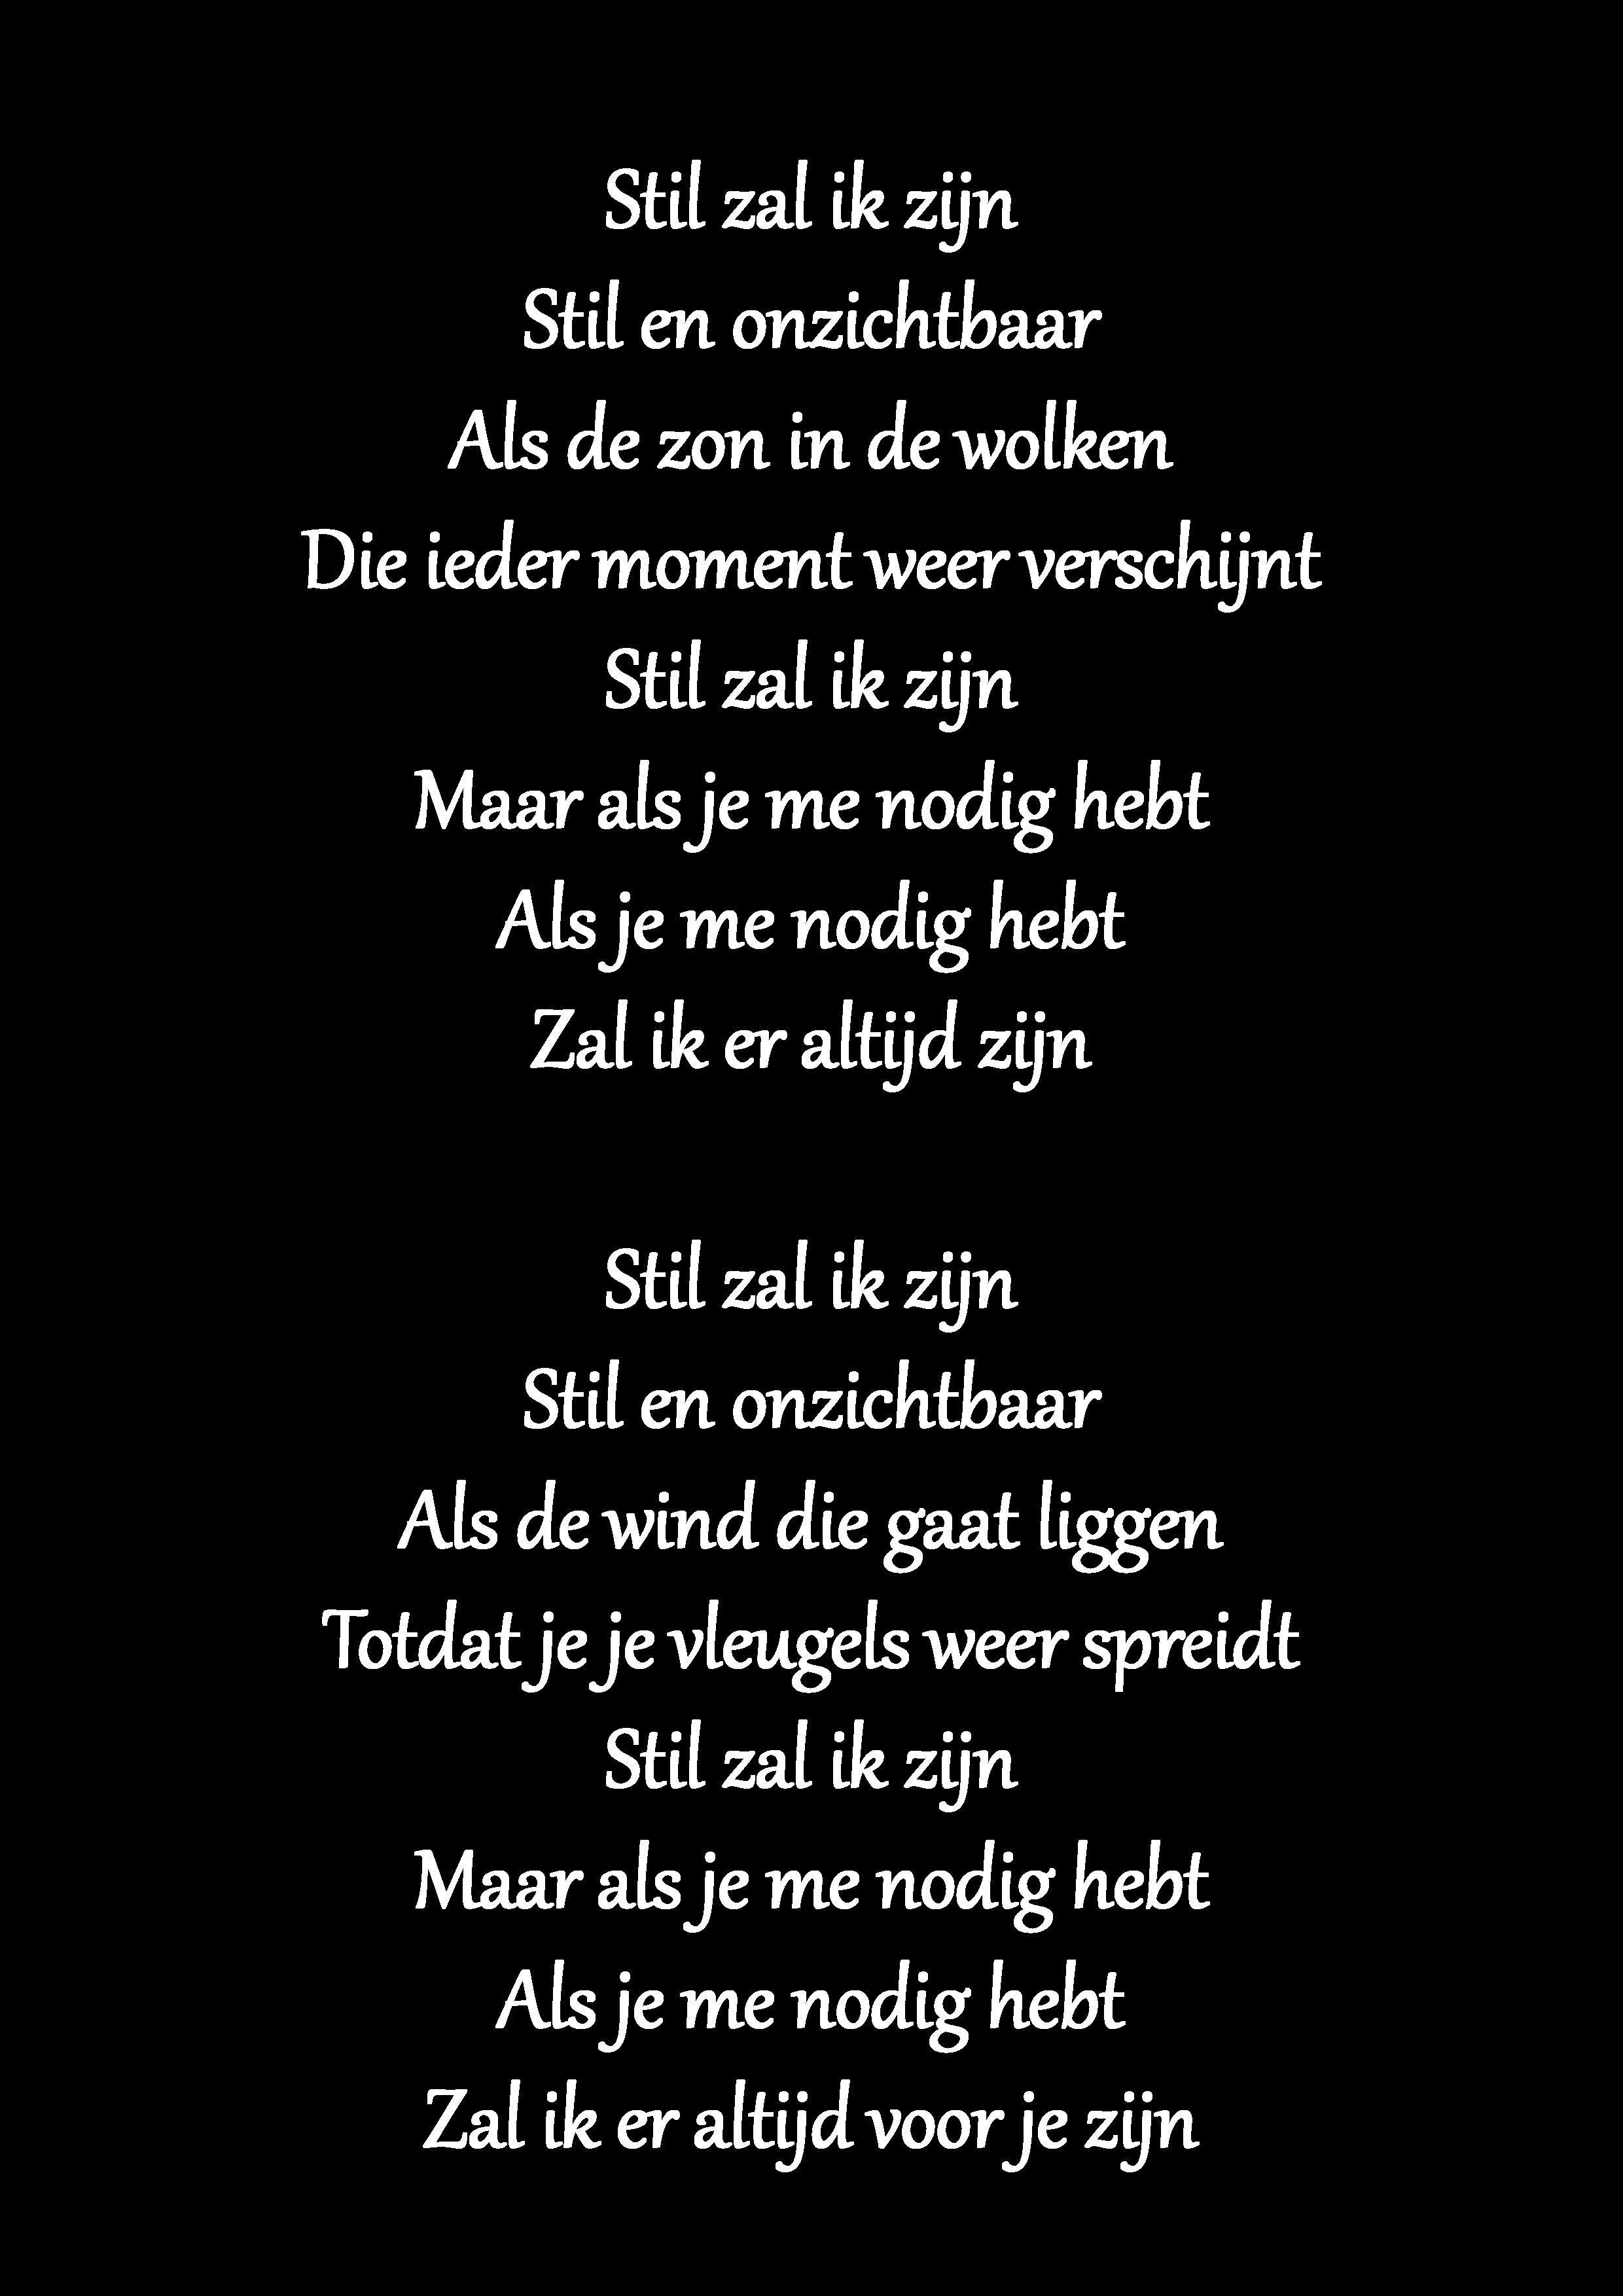 mam je bent jarig songtekst Als rennen geen zin meer heeft #songtekst #marcoborsato. ik vindt  mam je bent jarig songtekst